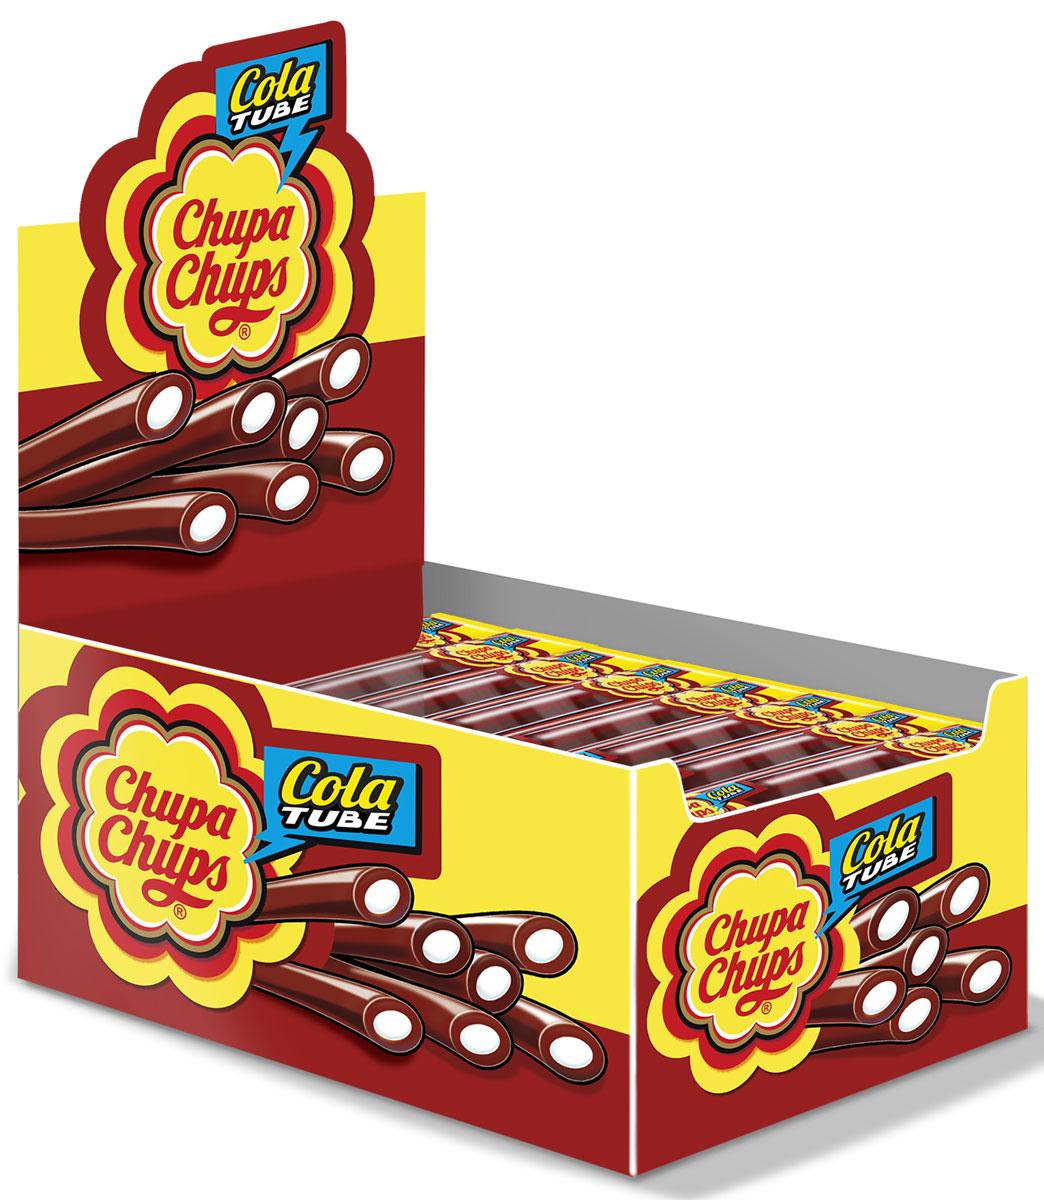 Chupa-Chups Cola Tube жевательный мармелад со вкусом колы, 50 шт по 10 г8253379Новинка от Chupa-Chups - мармеладная трубочка со вкусом кока-колы! Никого не оставит равнодушным!